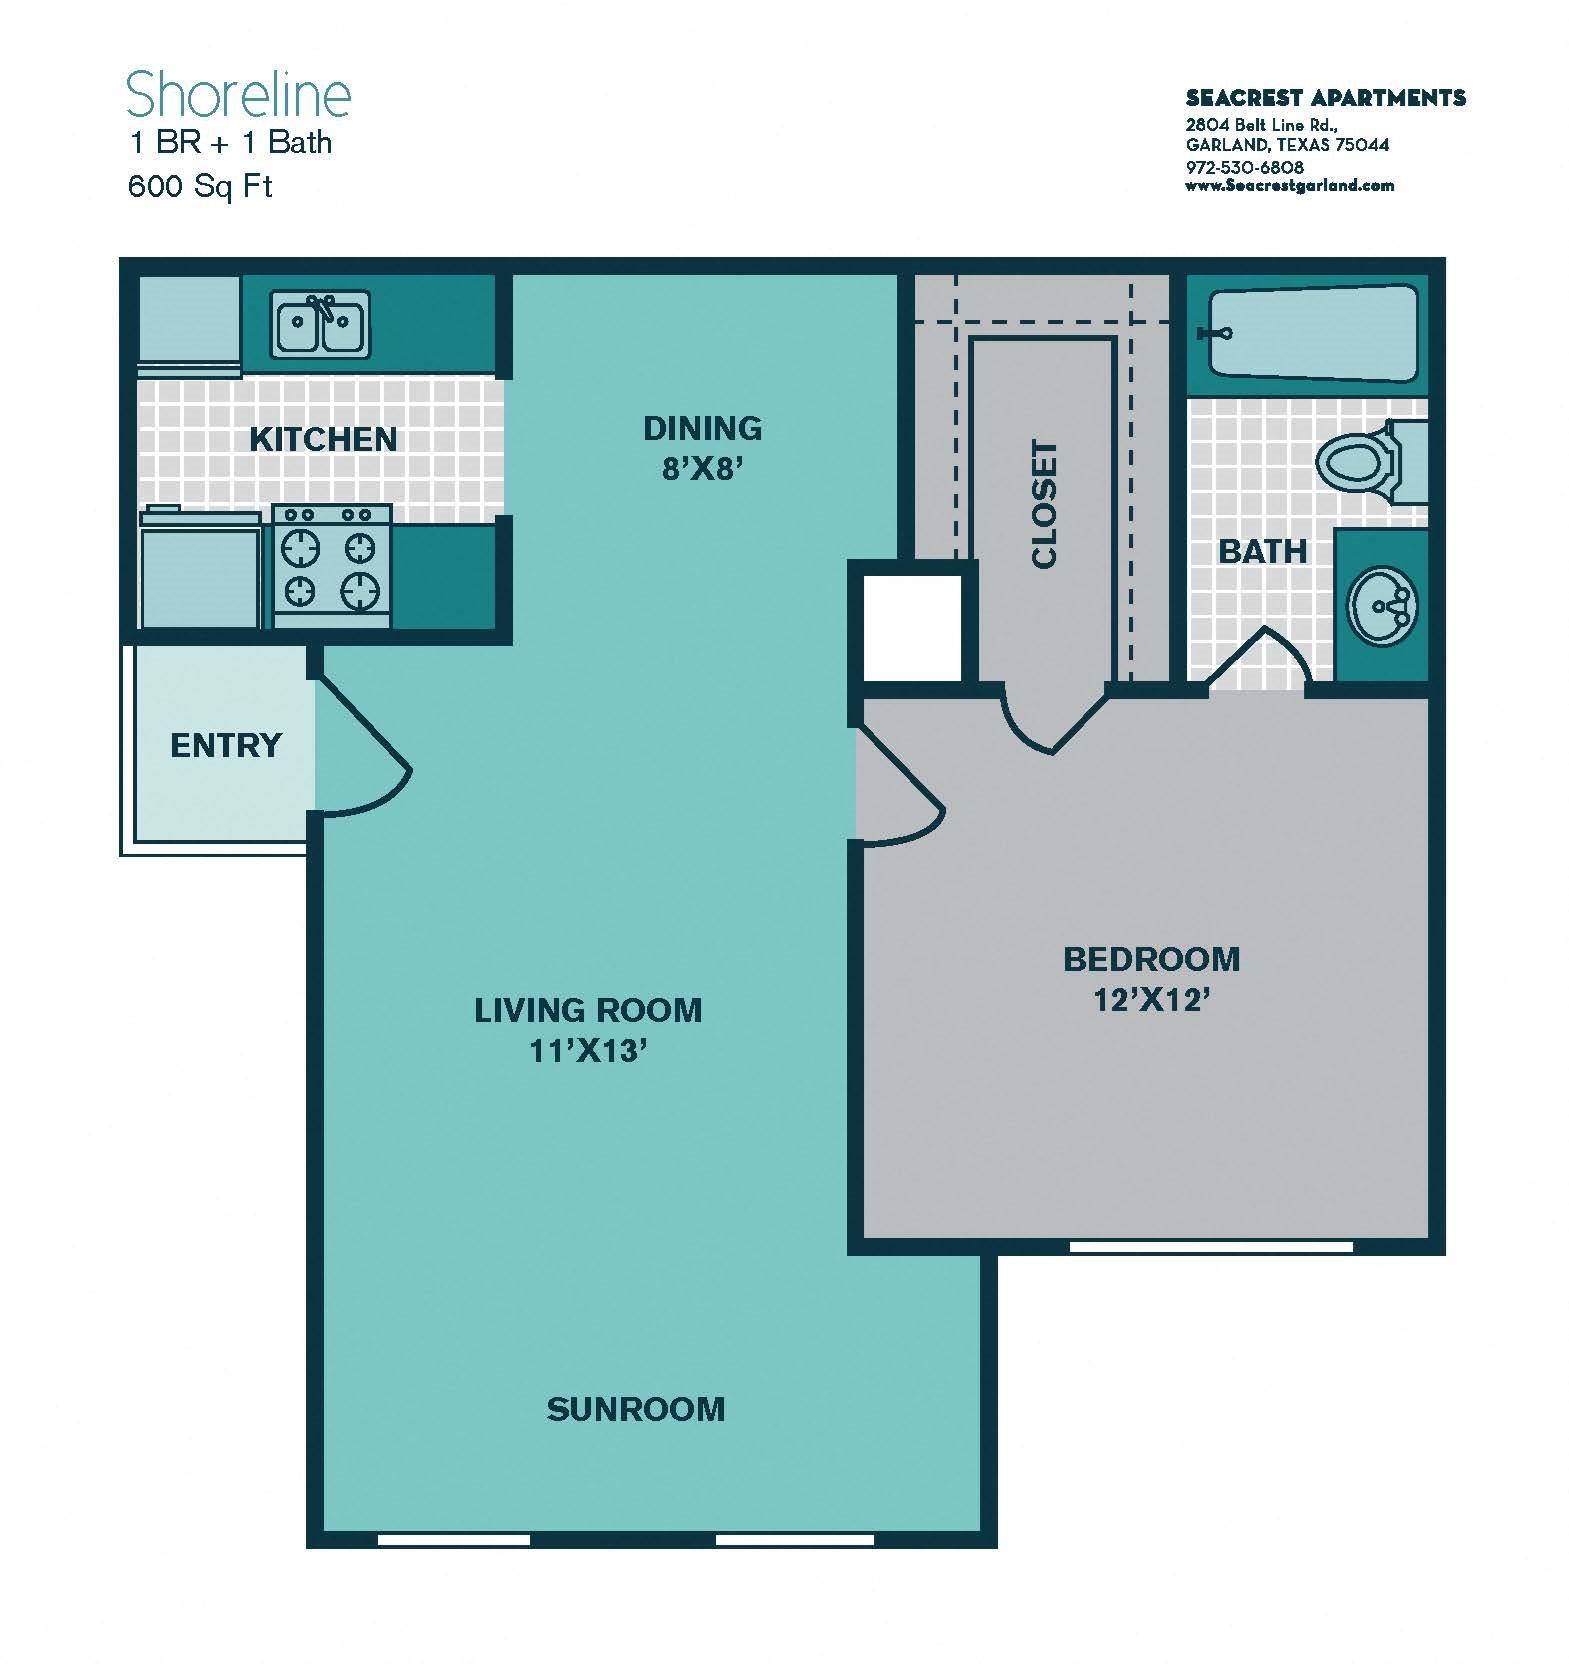 1 Bedroom A2 - 600sqft - SHORELINE Floor Plan 2